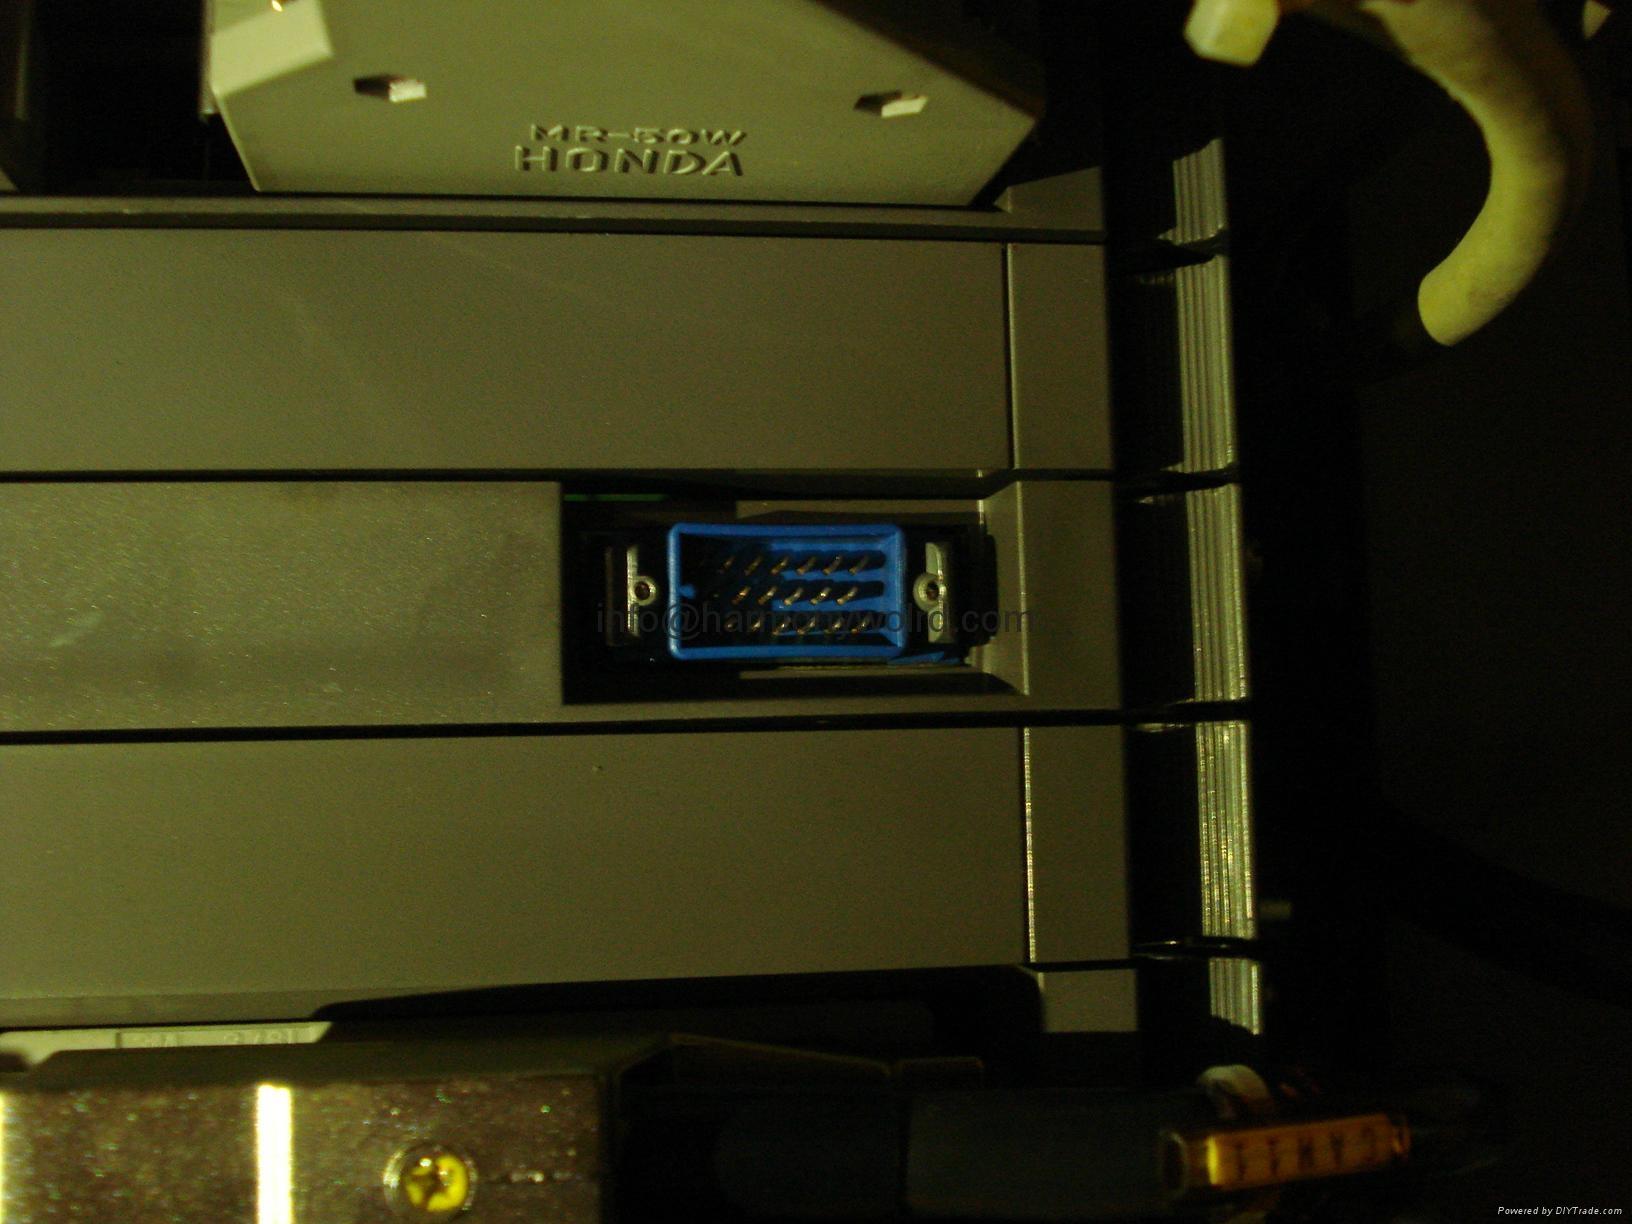 Replacement Monitor For Traub CNC Lathe TRAUB TX8 TND 400 TNM 42 19